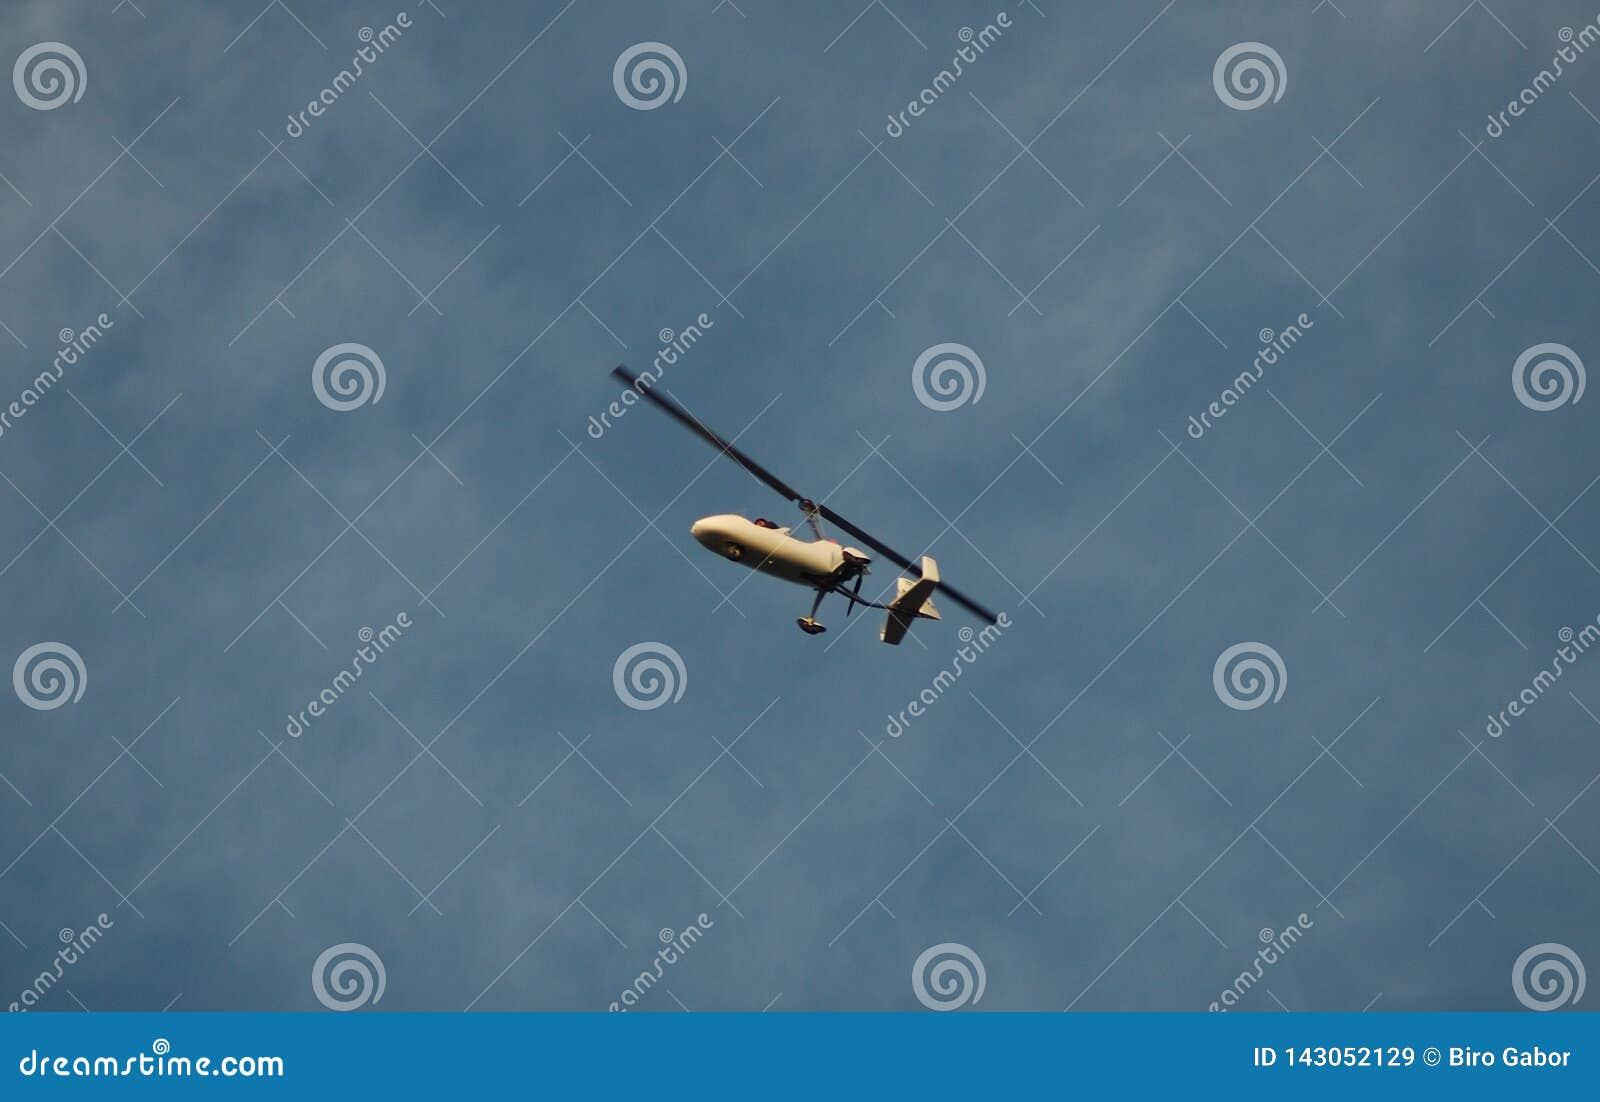 Pequeño helicóptero de una persona